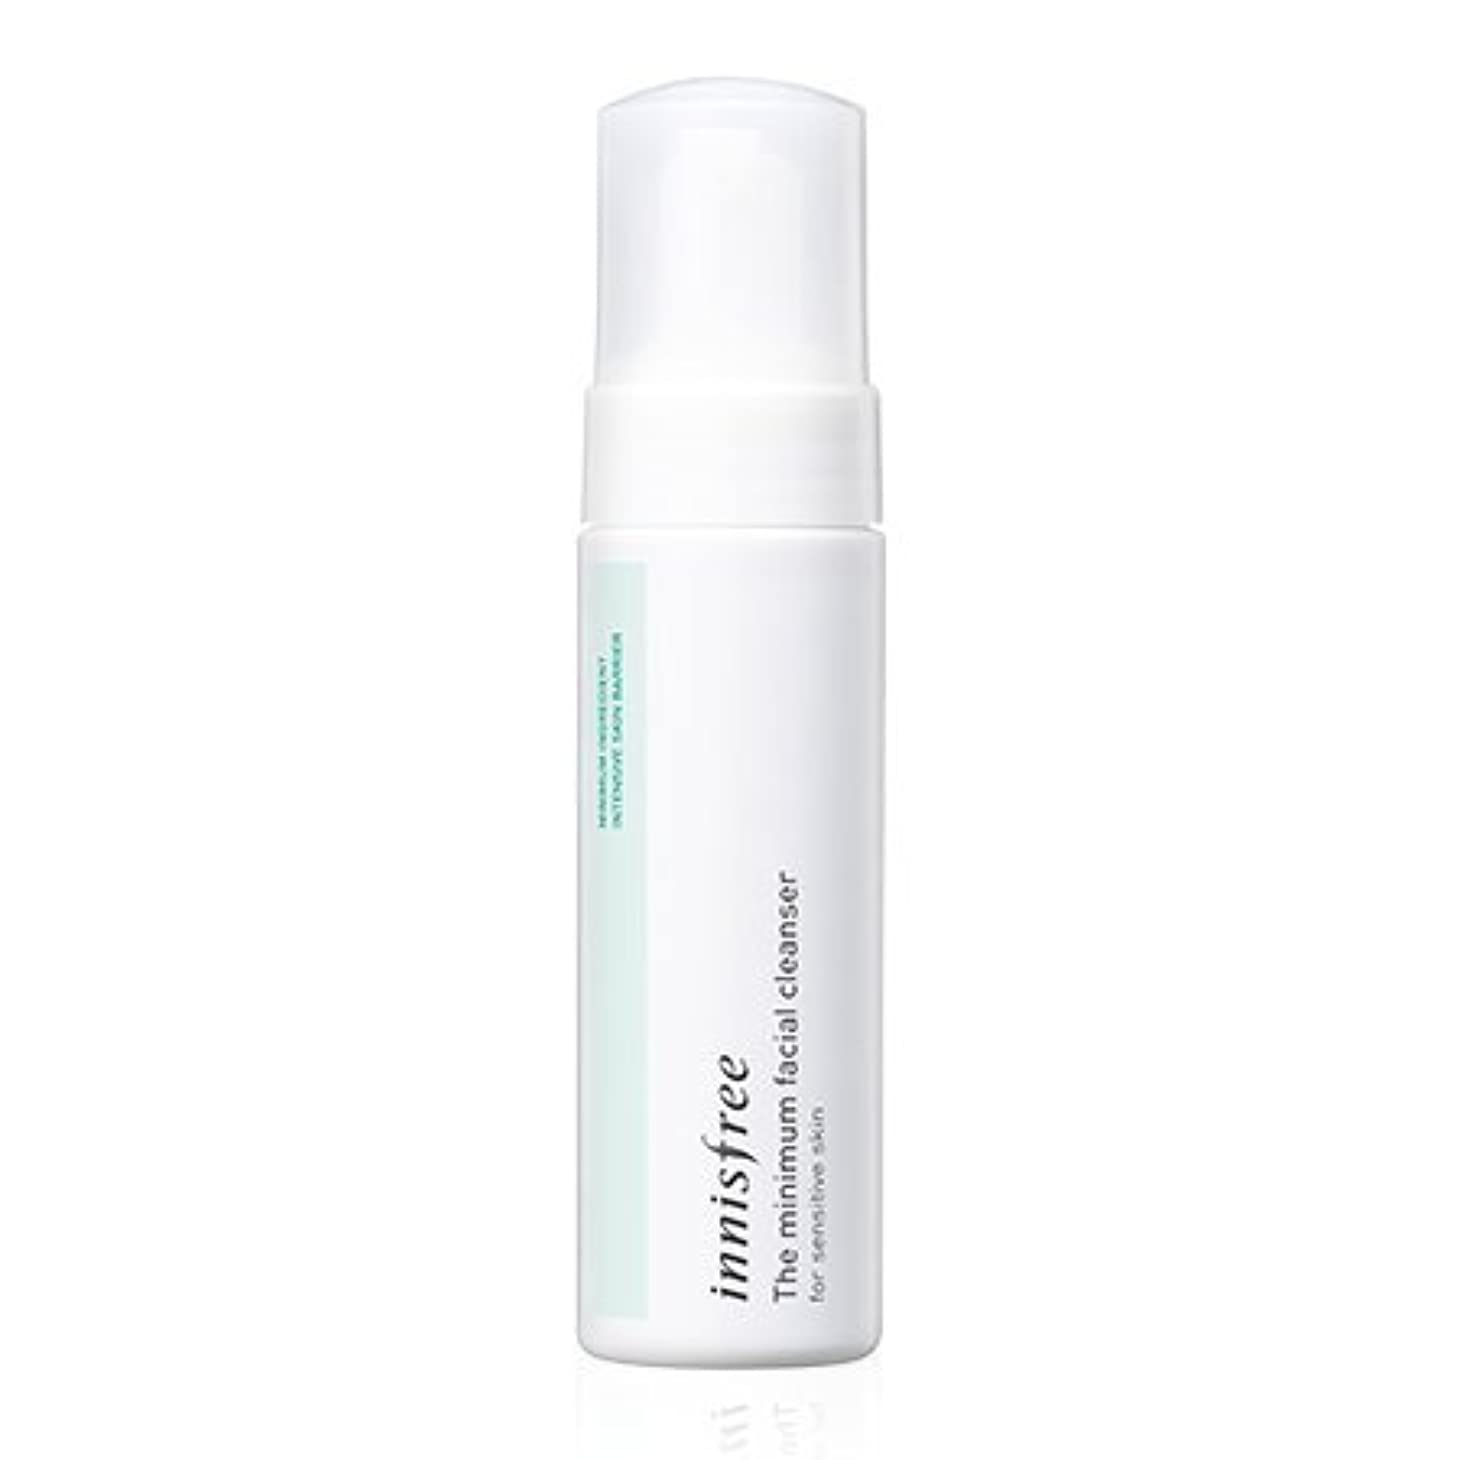 倫理解明するスペイン[innisfree(イニスフリー)] The minimum facial cleanser 70ml ザ·ミニマムフェーシャル?クレンザー [並行輸入品][海外直送品]